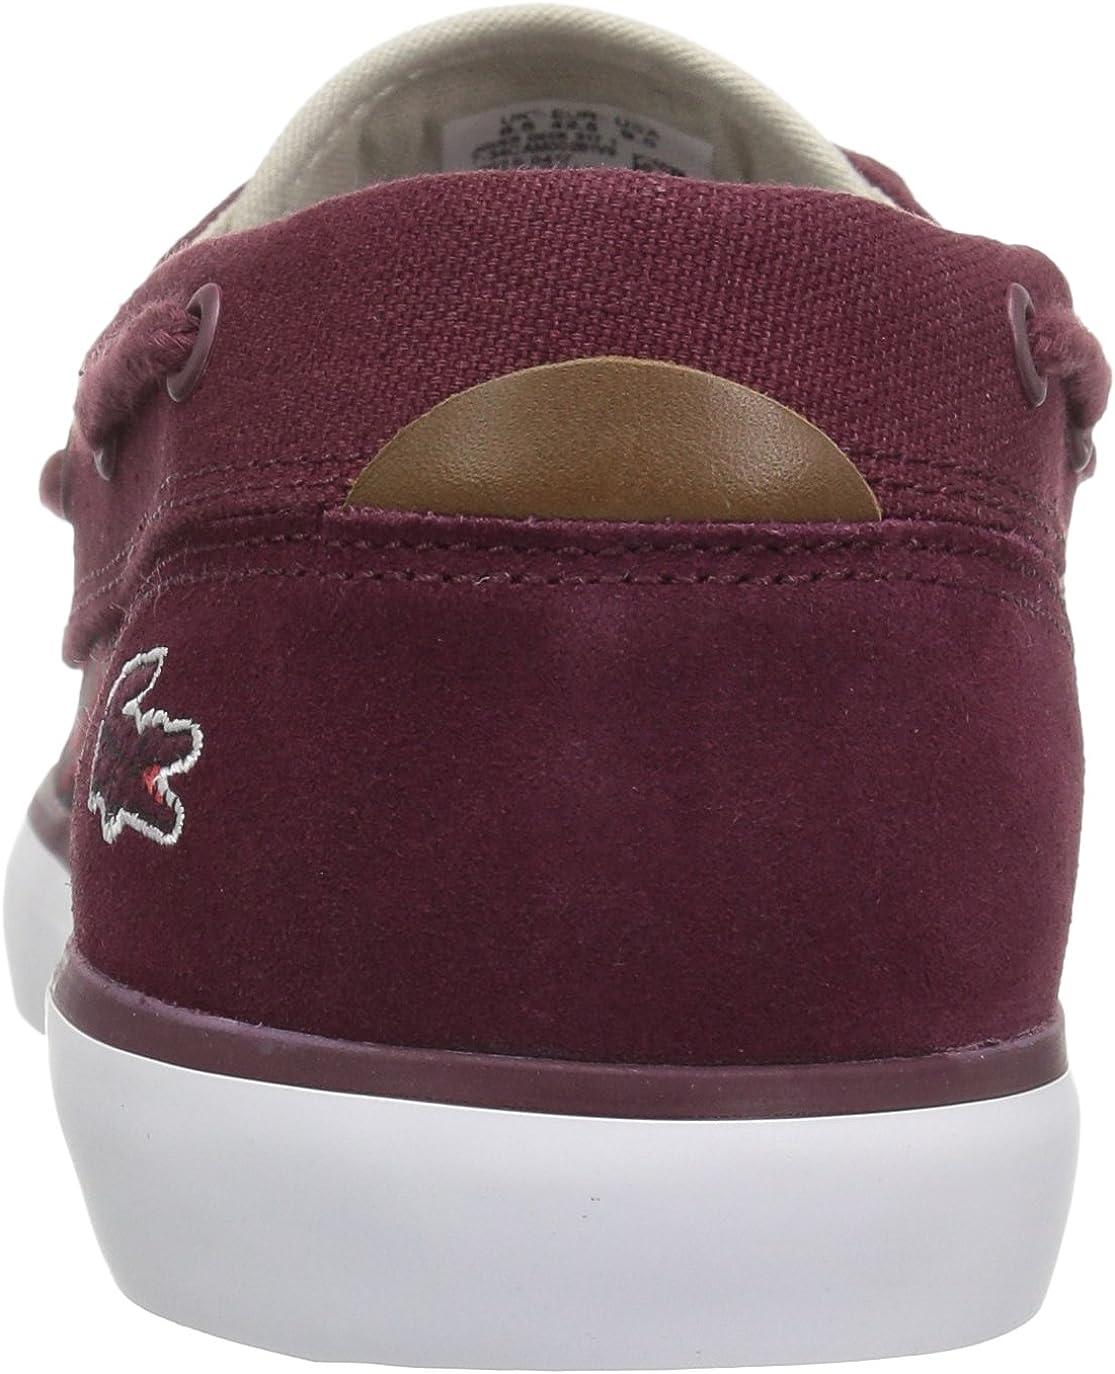 Lacoste Mens Jouer Deck 317 1 Sneaker